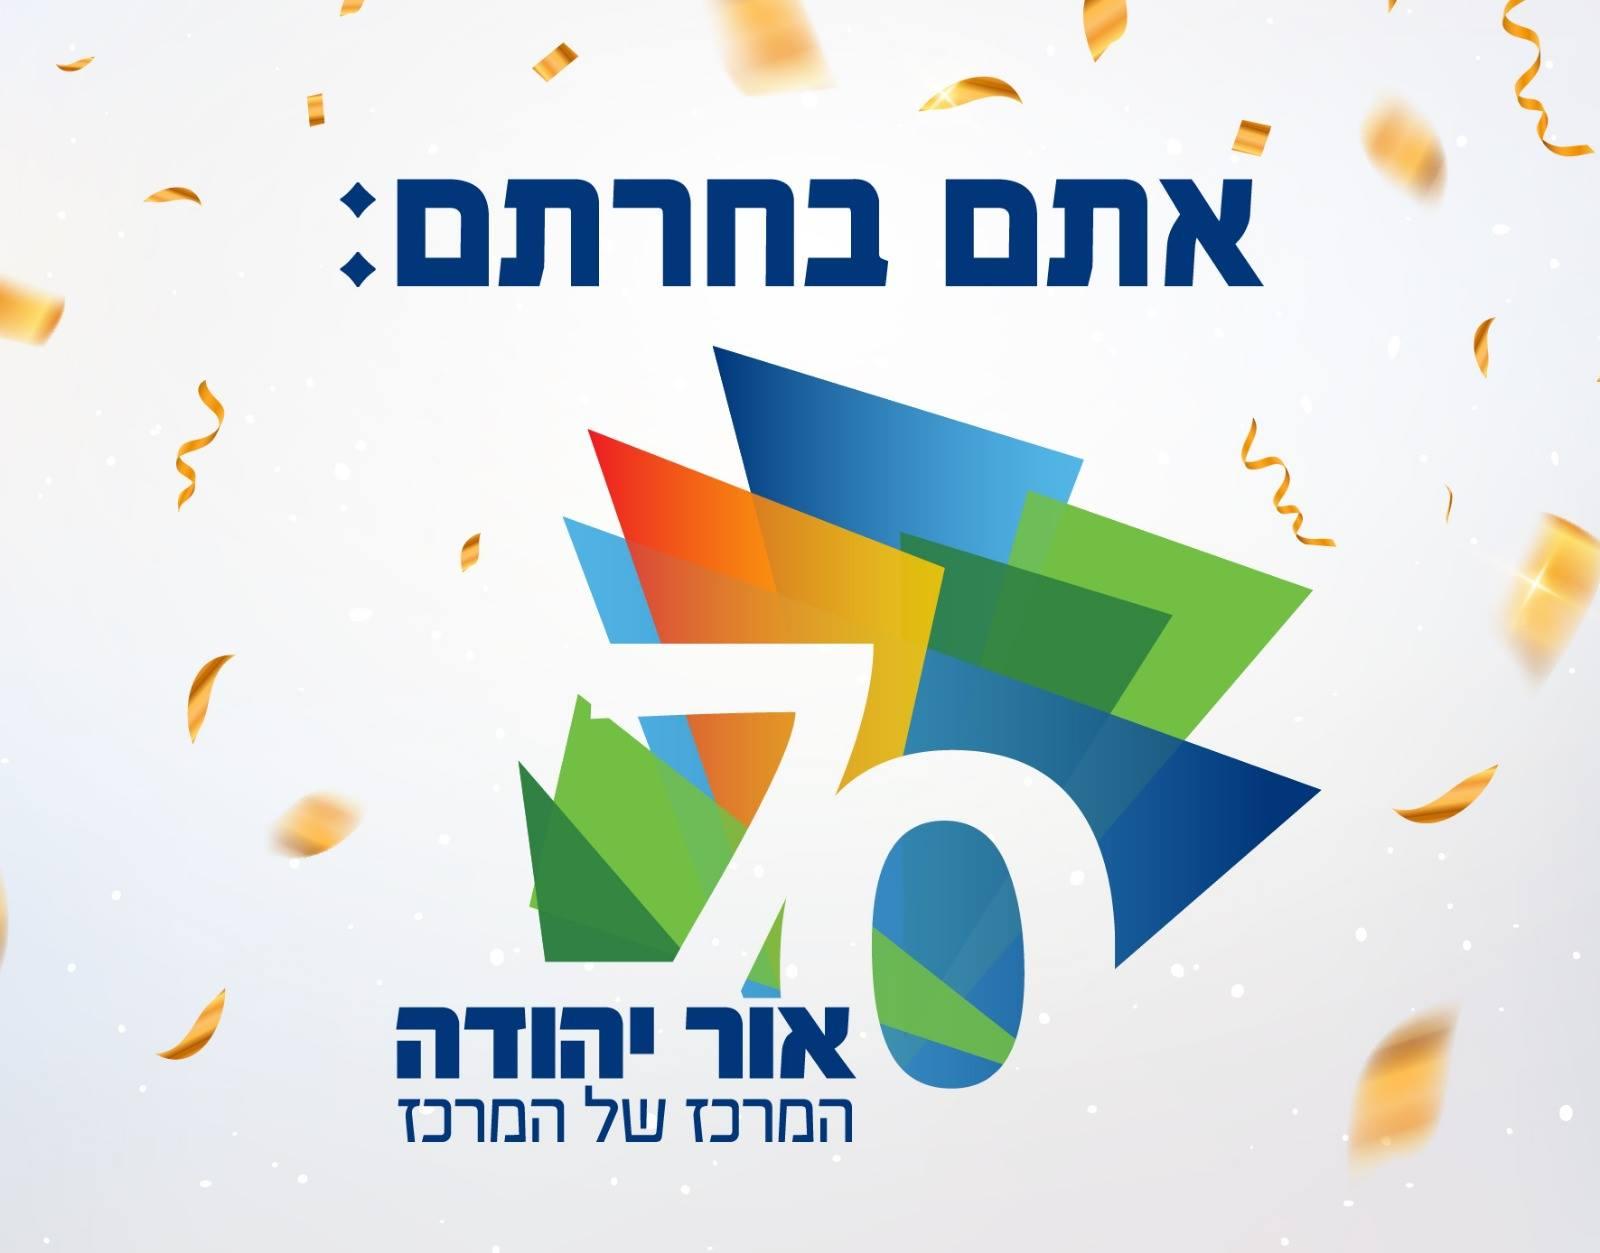 אור יהודה - הלוגו החדש שנבחר לחגיגות ה -70